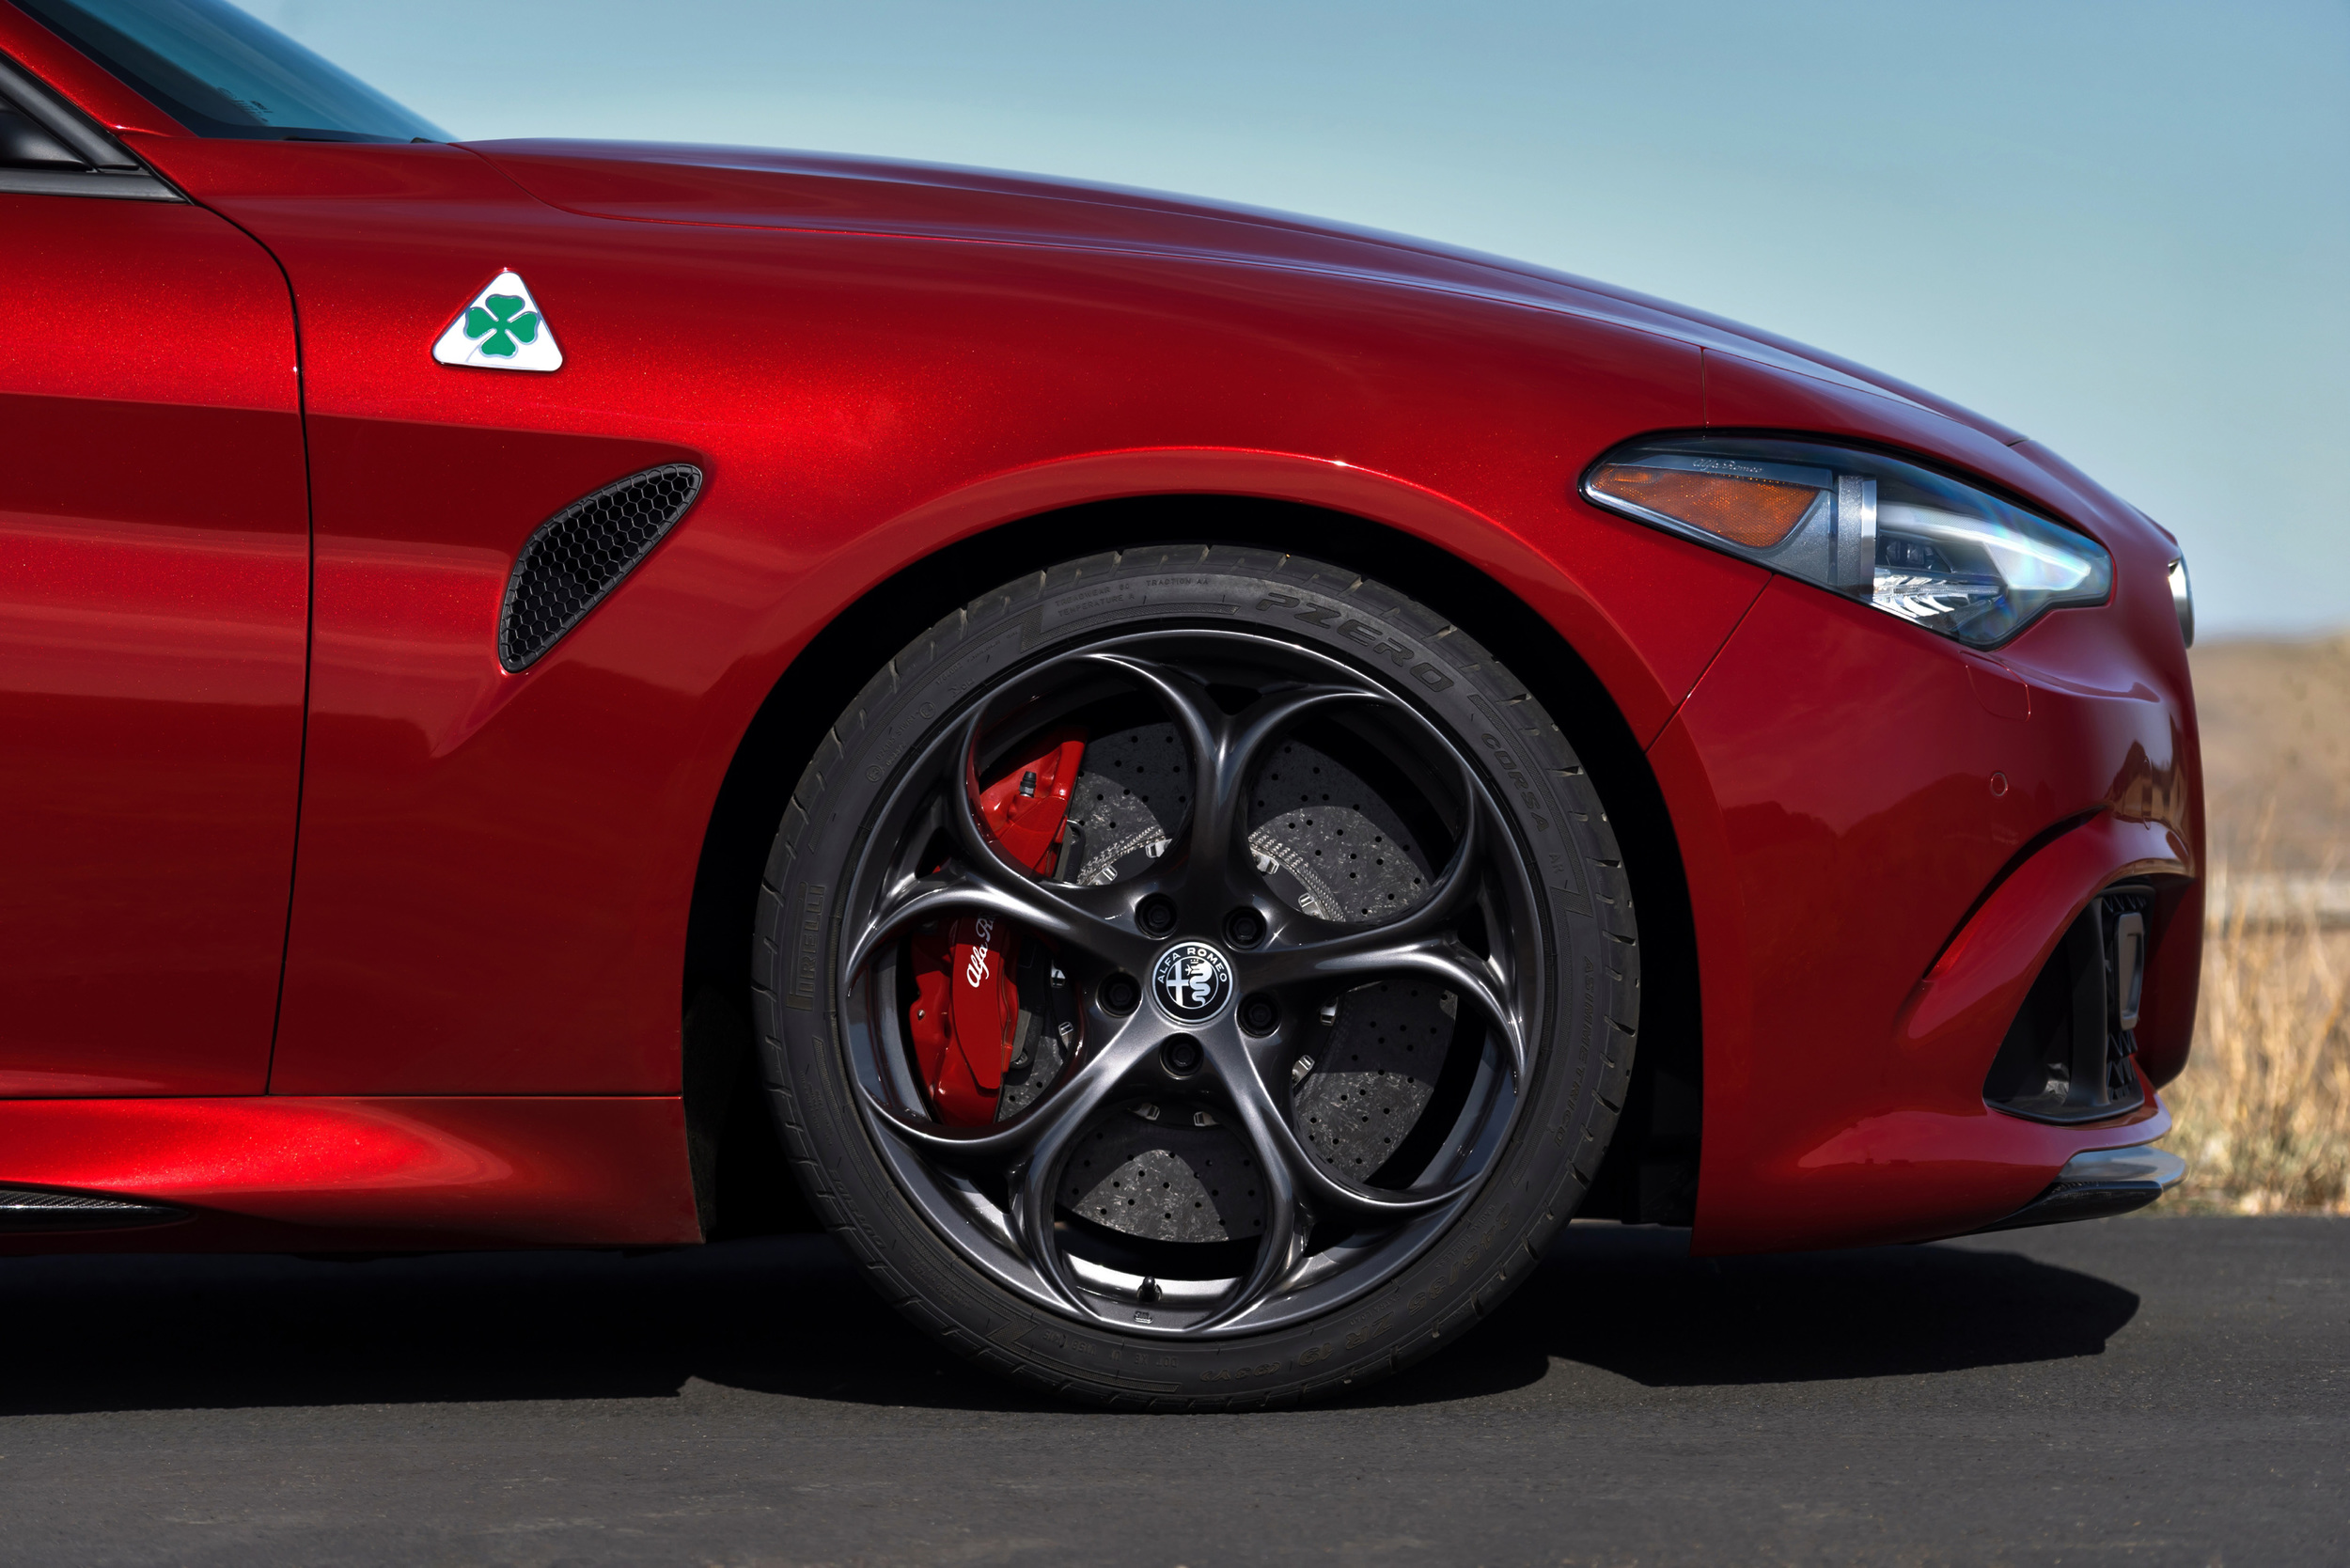 2017 Alfa Romeo Giulia Quadrifoglio fully detailed, 505 hp ...